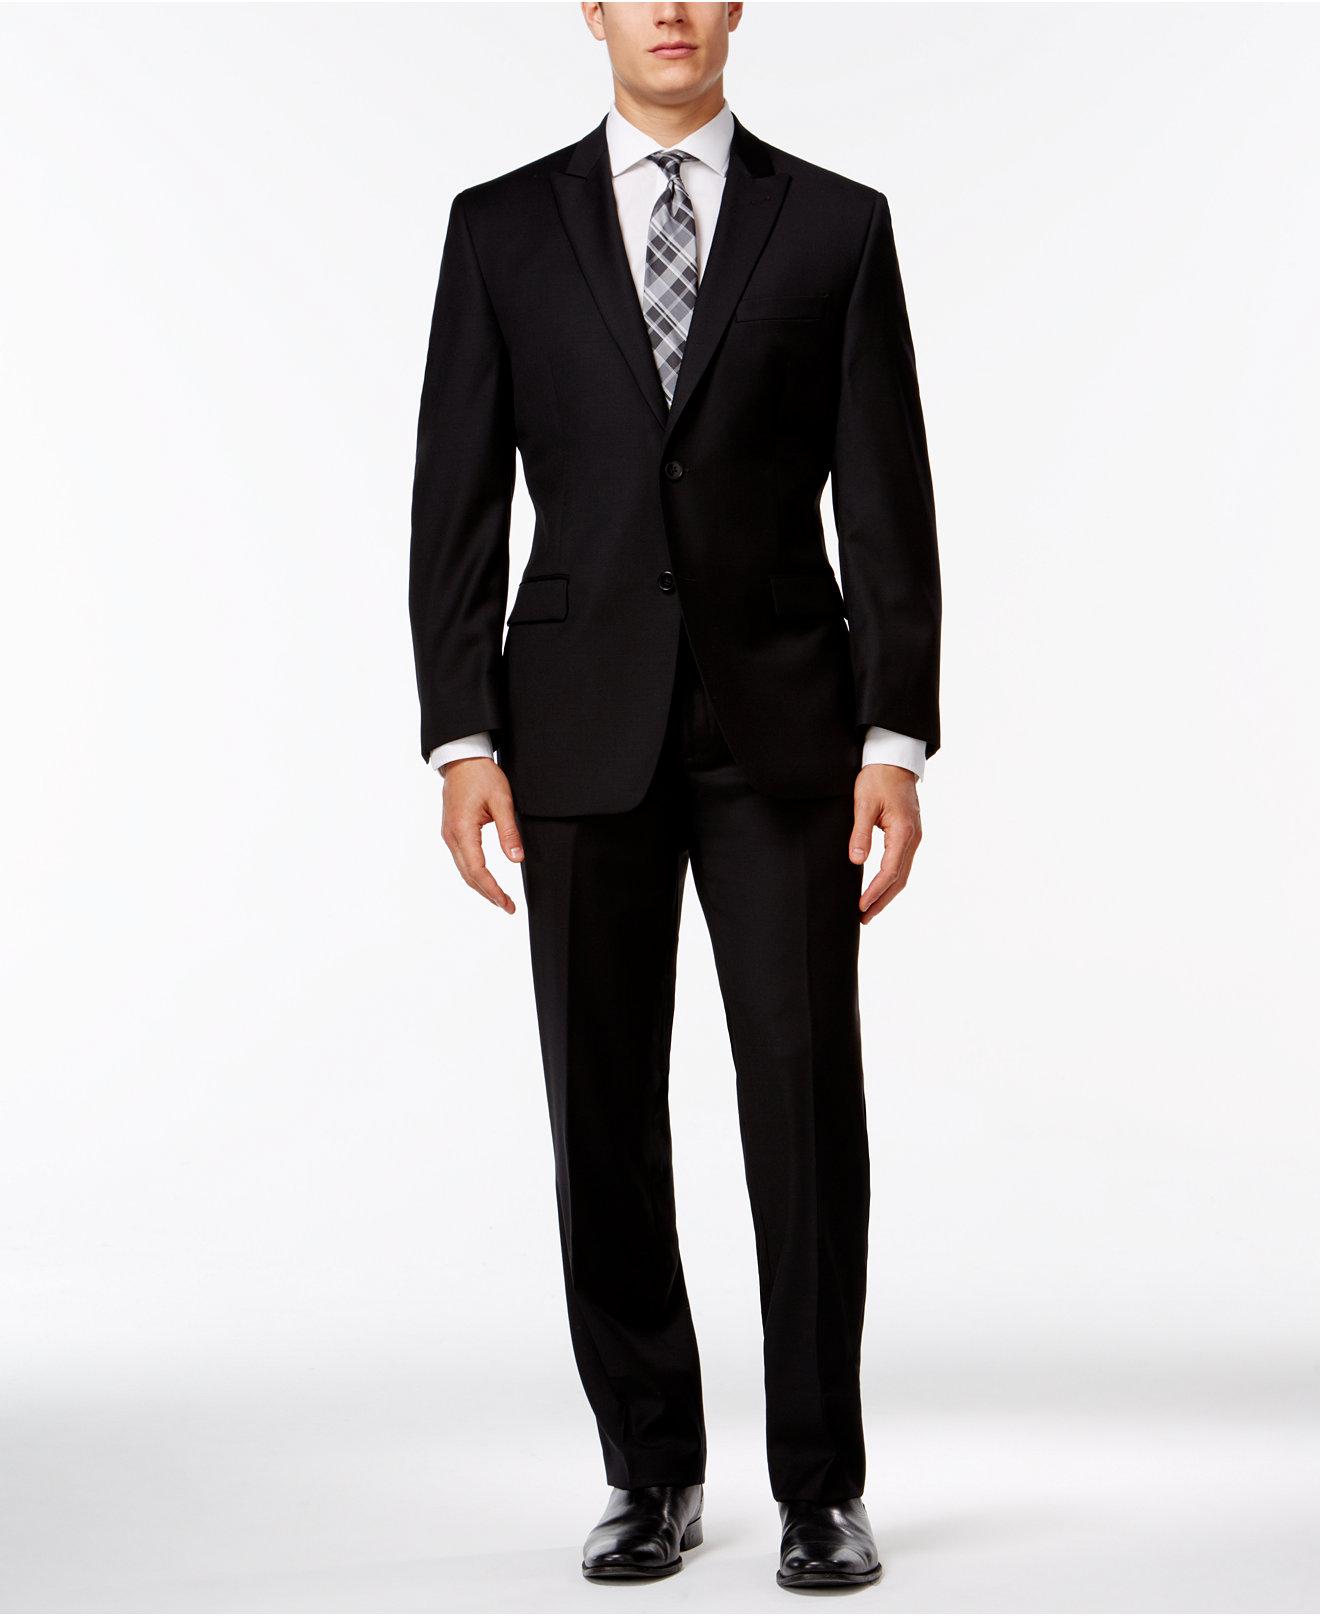 Suit Separates Mens Suits: Blue, Black, Gray - Macy's